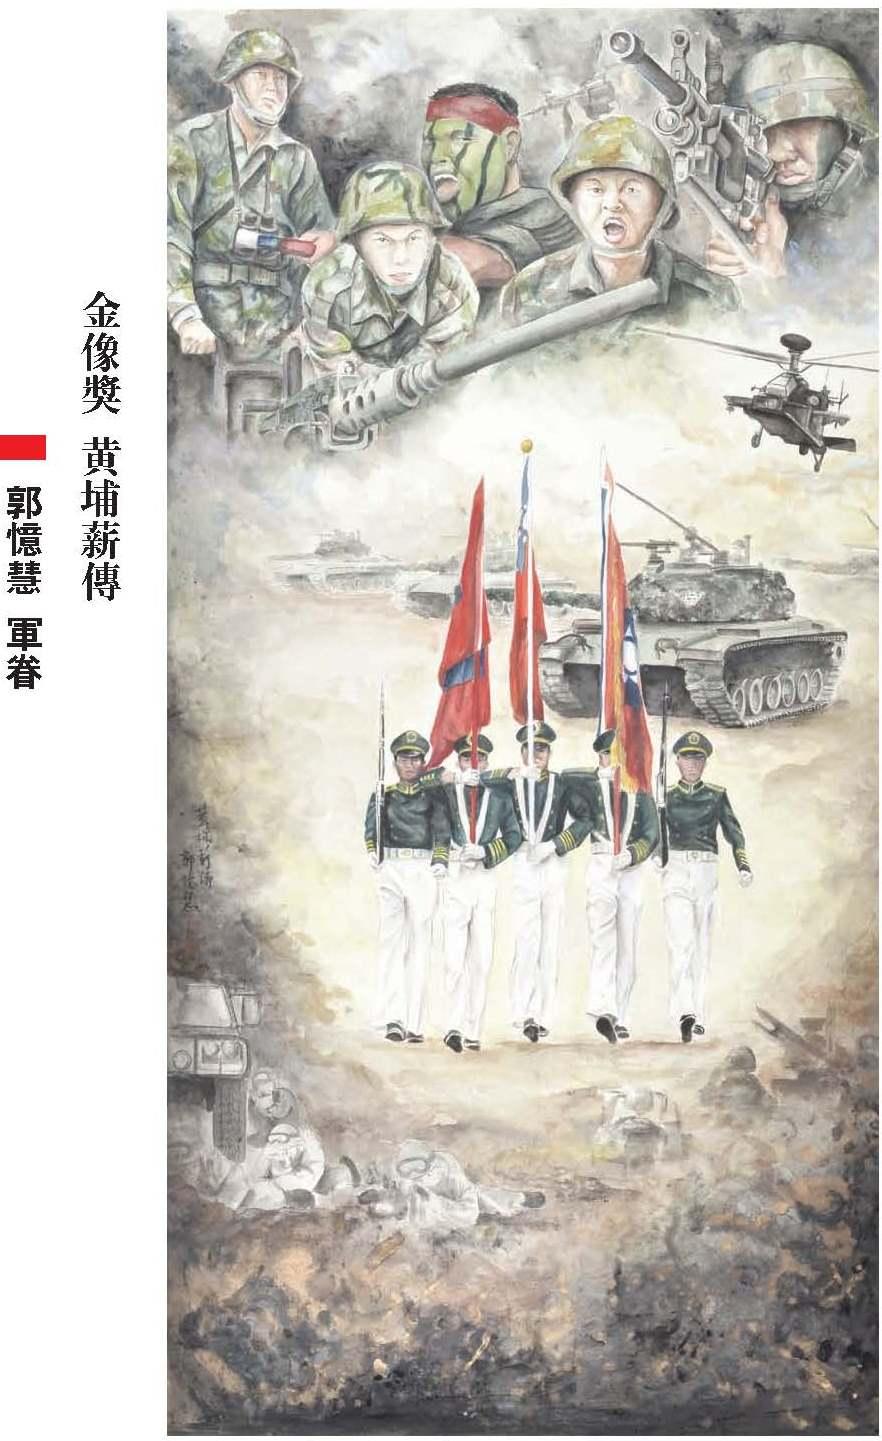 國軍第48屆文藝金像獎國畫類金像獎_黃埔薪傳_郭憶慧.jpg